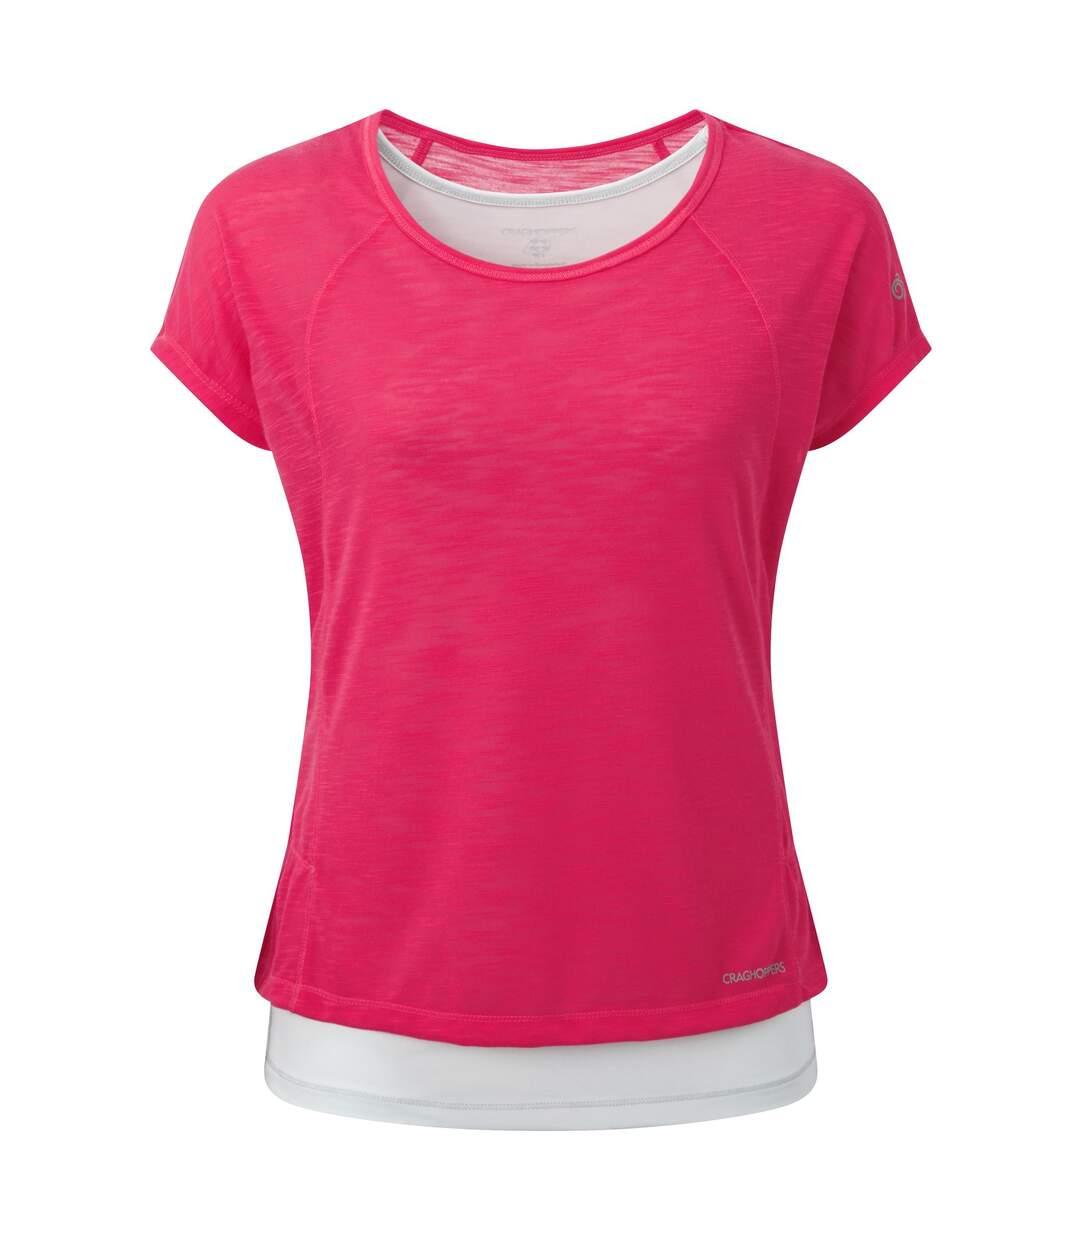 Craghoppers Pro Lite - T-Shirt Et Veste 3 En 1 - Femme (Rose électrique / blanc) - UTCG310